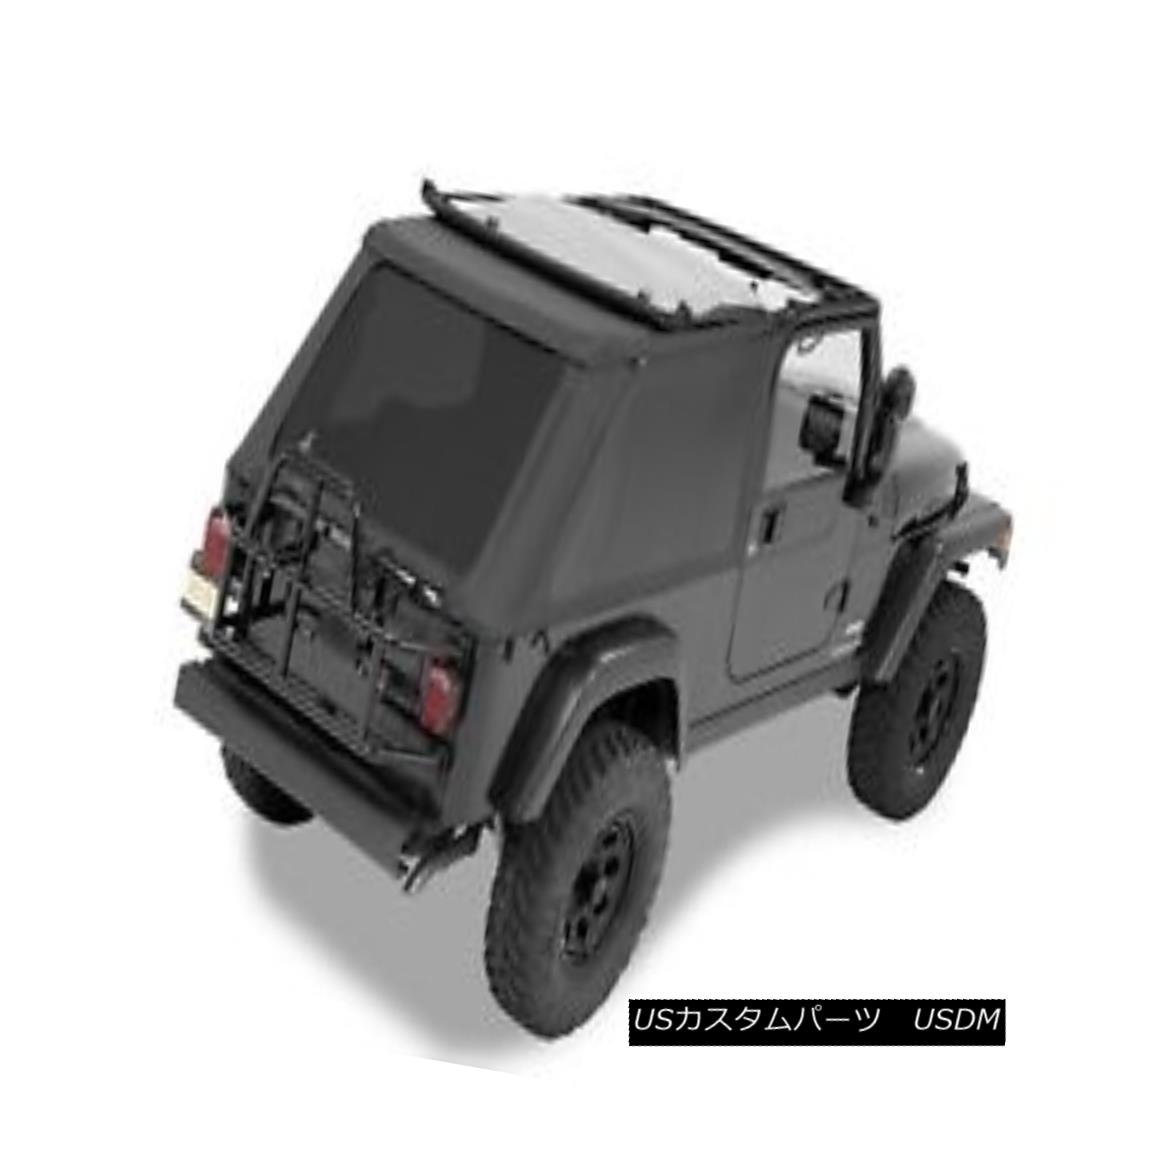 幌・ソフトトップ Bestop 56821-35 Jeep Trektop NX Complete Replacement Soft Top Black Diamond Bestop 56821-35 Jeep Trektop NX完全交換用ソフトトップブラックダイヤモンド